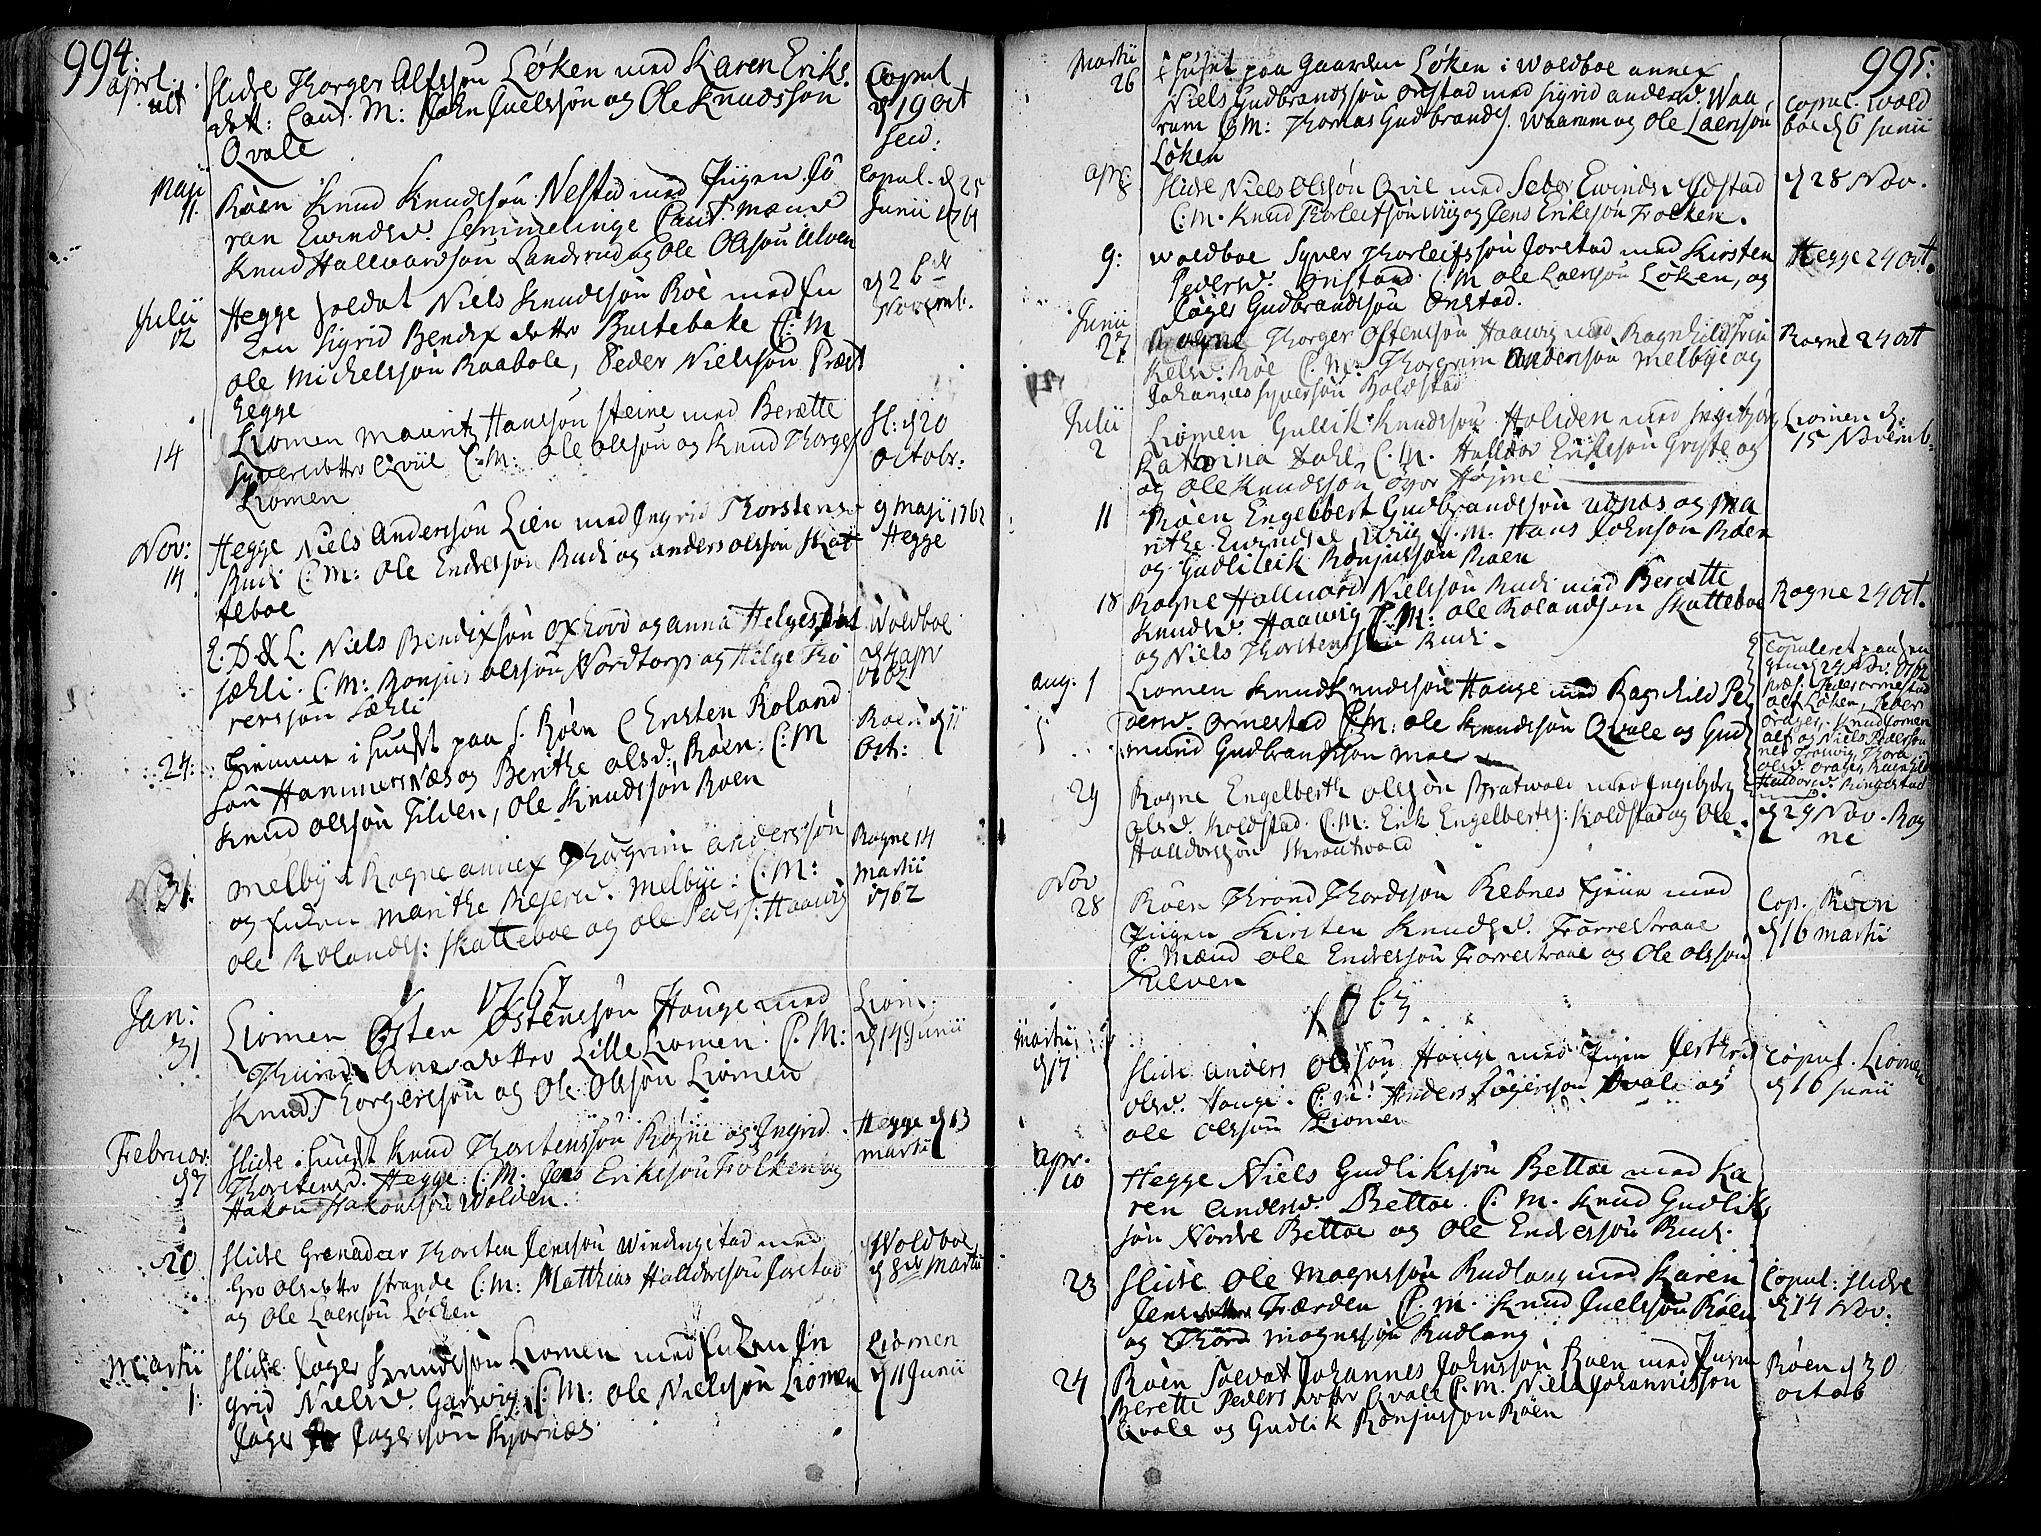 SAH, Slidre prestekontor, Ministerialbok nr. 1, 1724-1814, s. 994-995